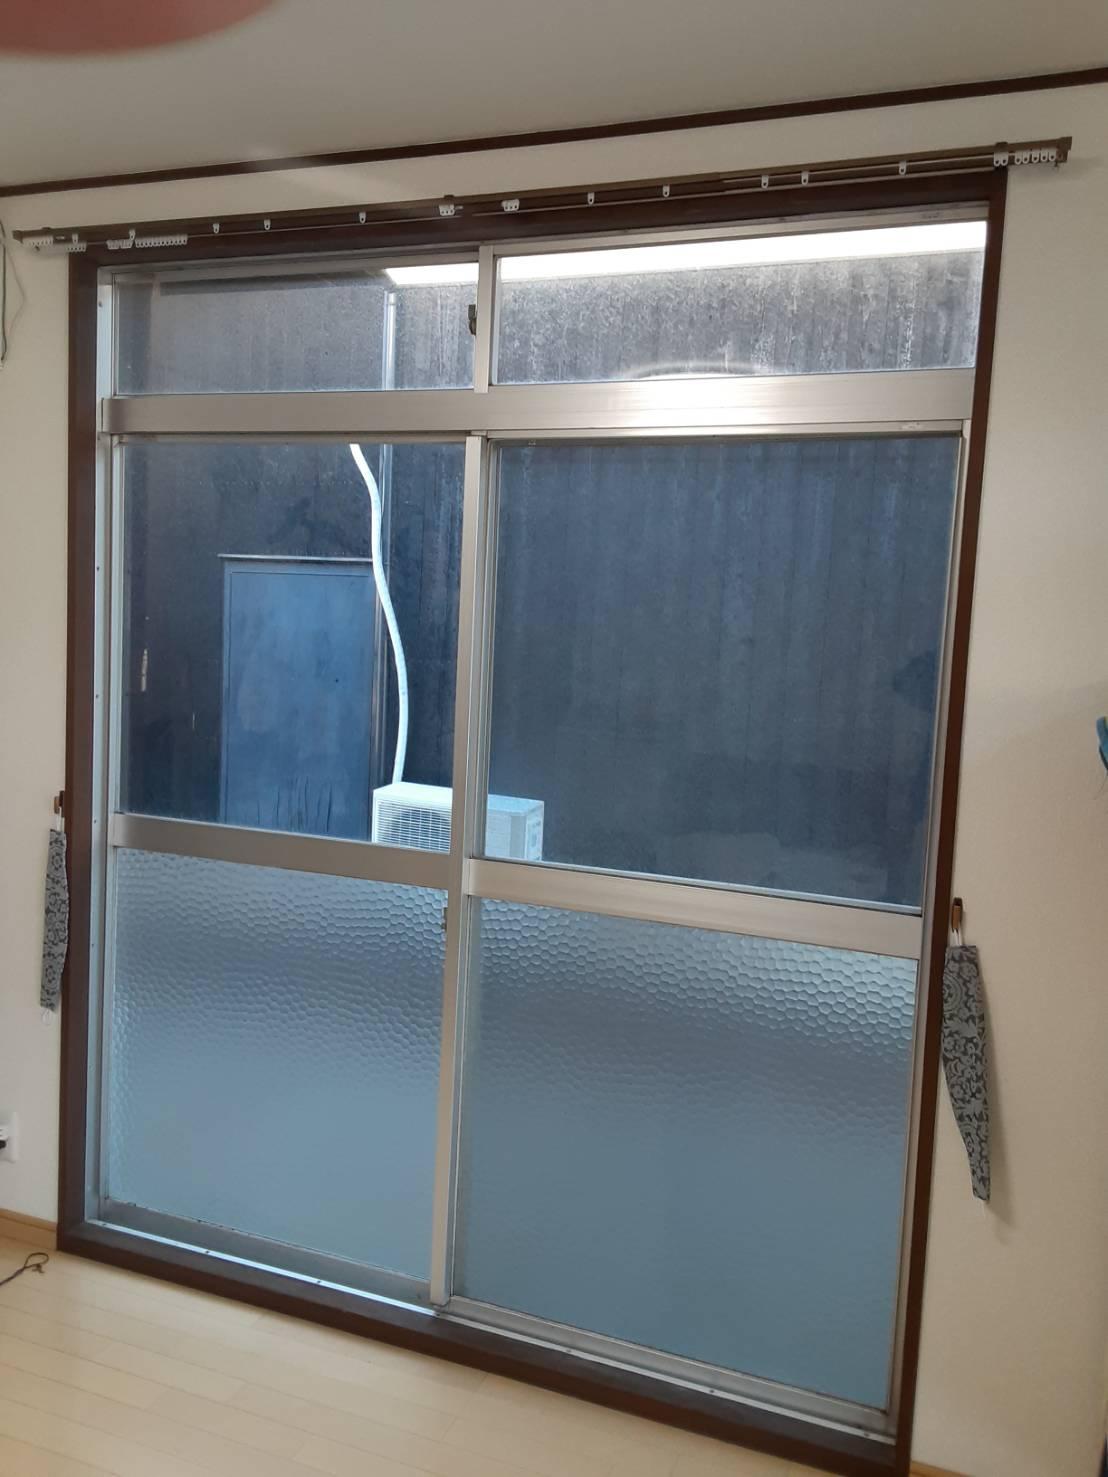 ギャラリーパティオの内窓設置工事の施工前の写真1